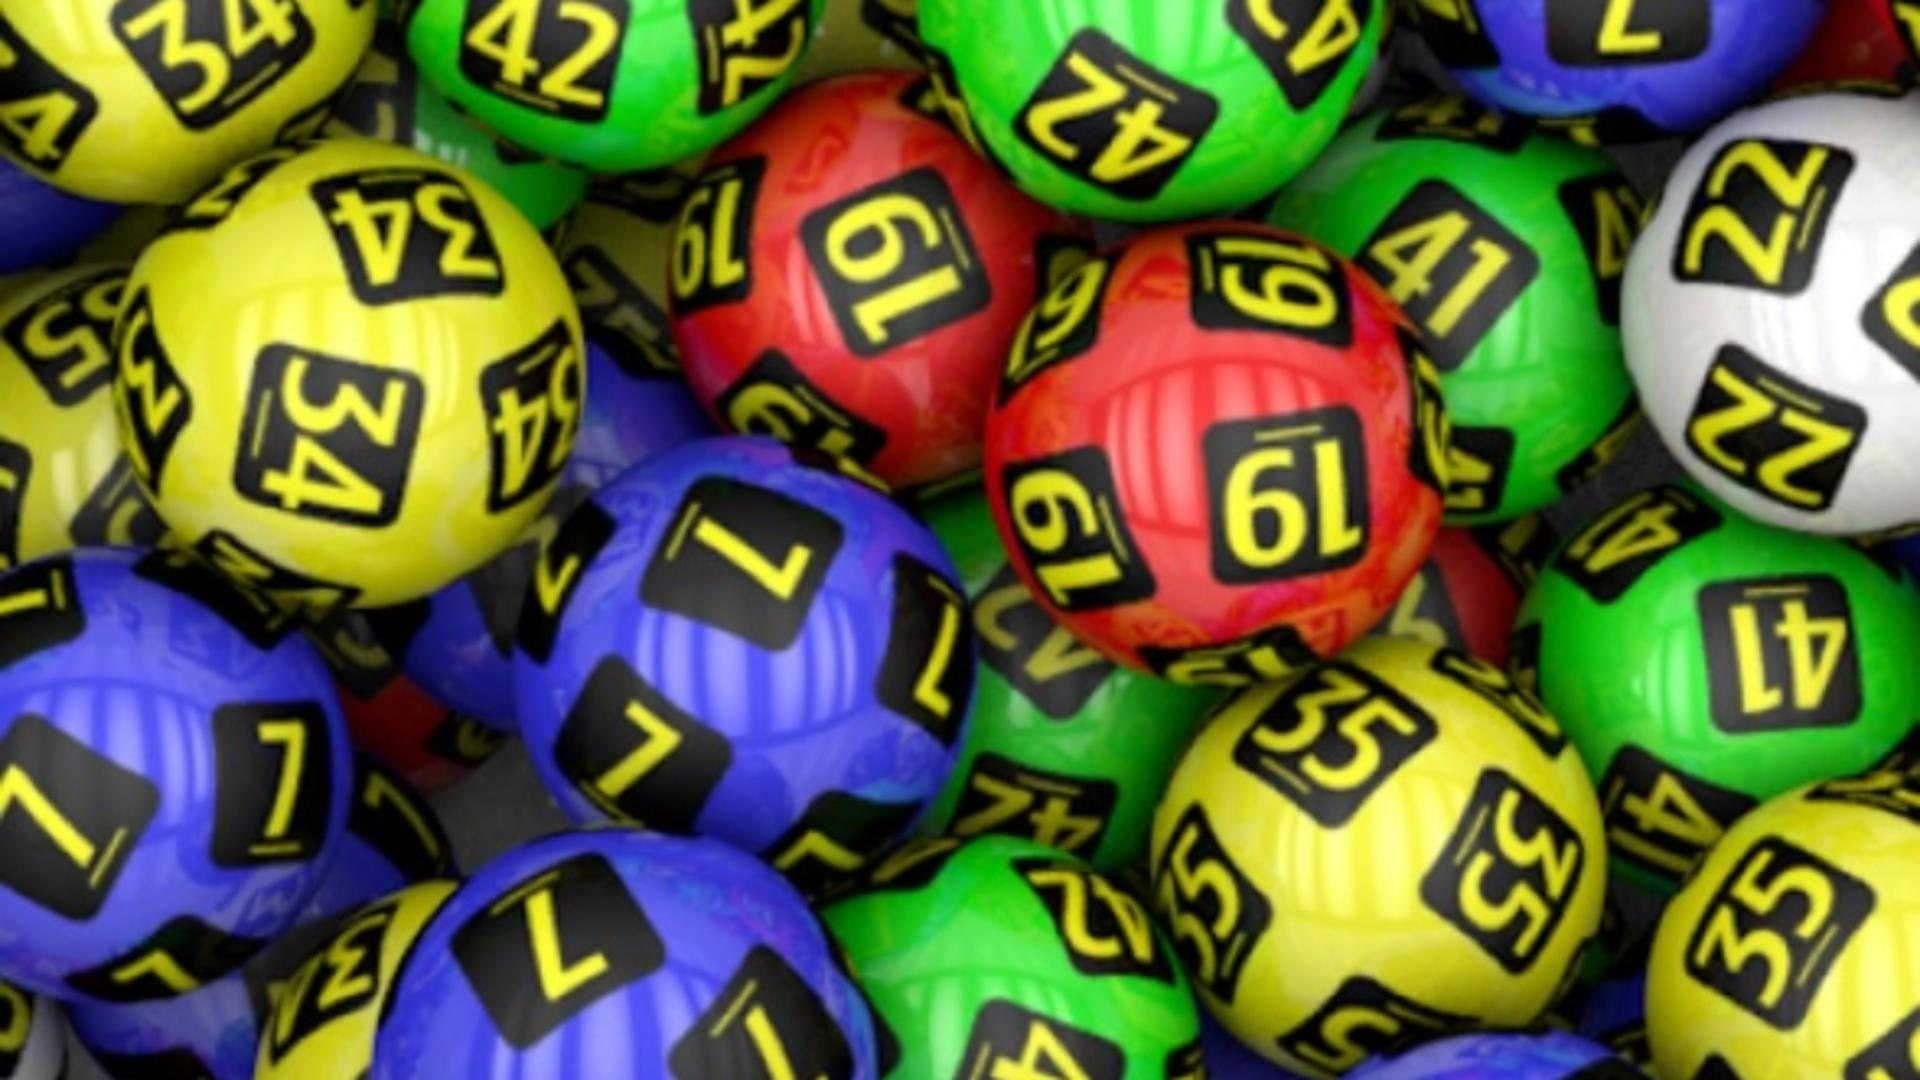 Un bătrân de 80 de ani, din Marea Britanie, a câștigat peste 100.000 de lire sterline la loterie